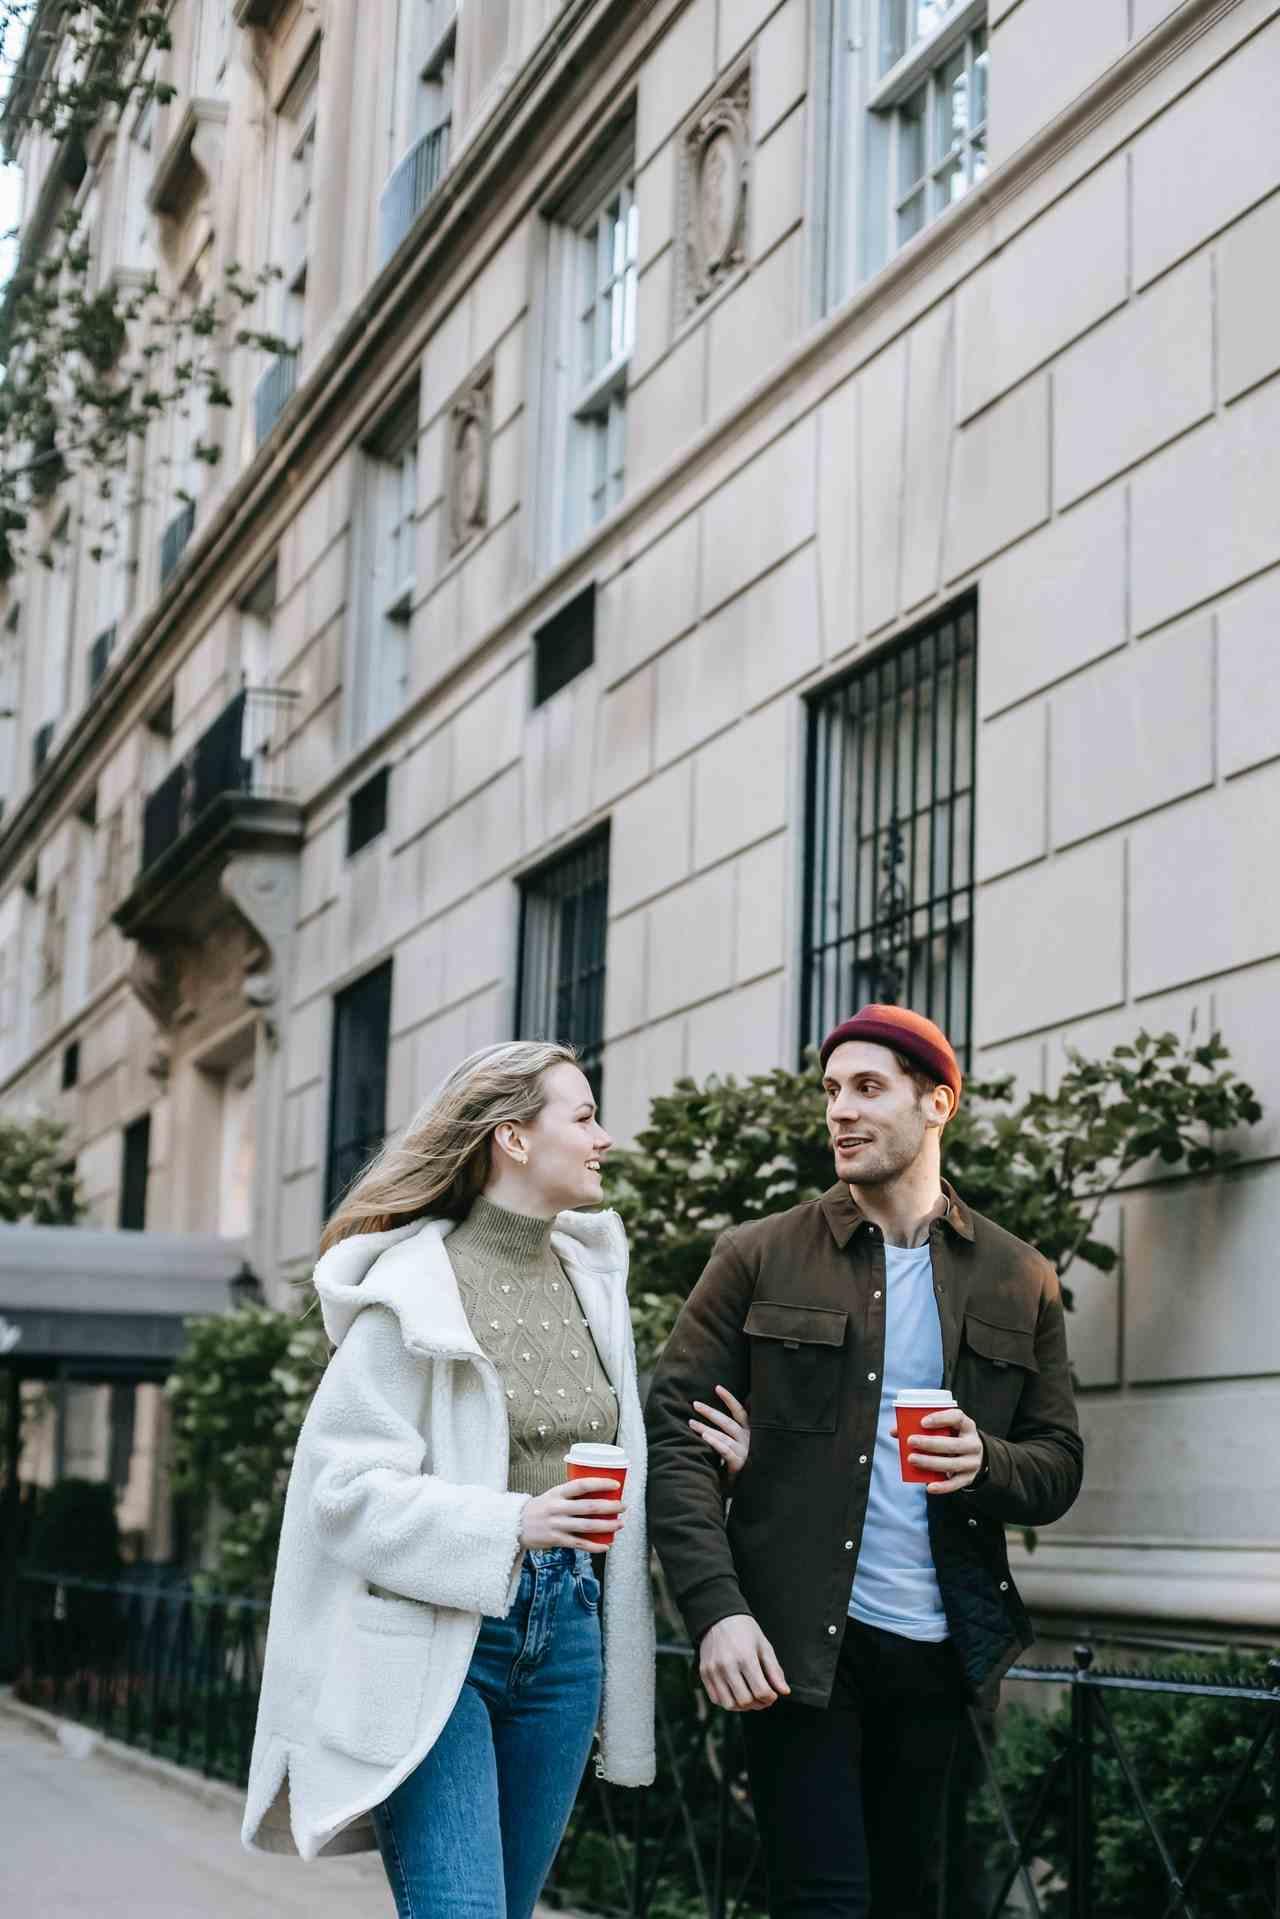 4 Hal Sederhana Yang Harus Diusahakan Dalam Hubungan